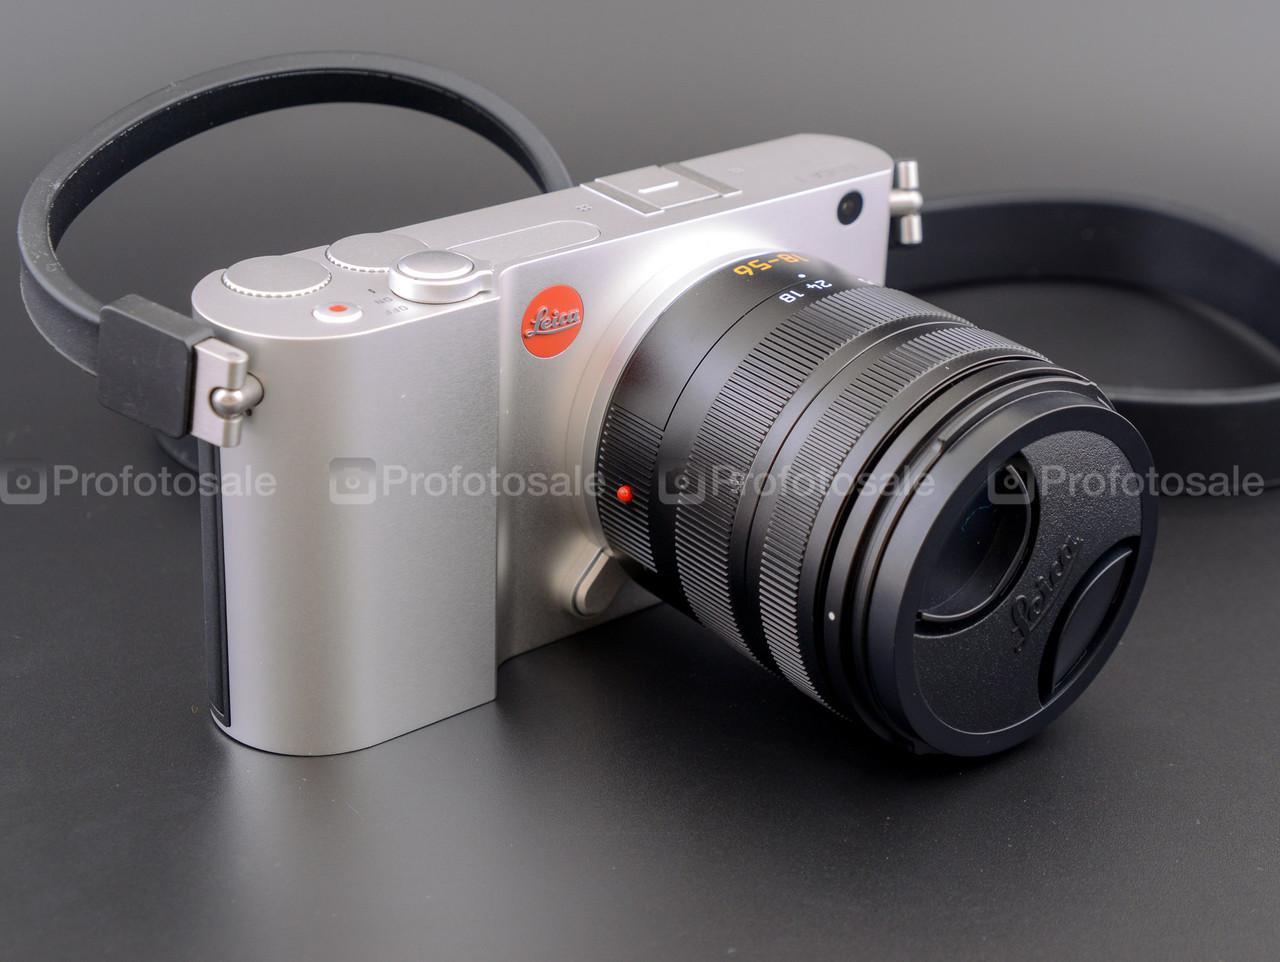 Leica T + 18-56 ASPH (Typ 701)